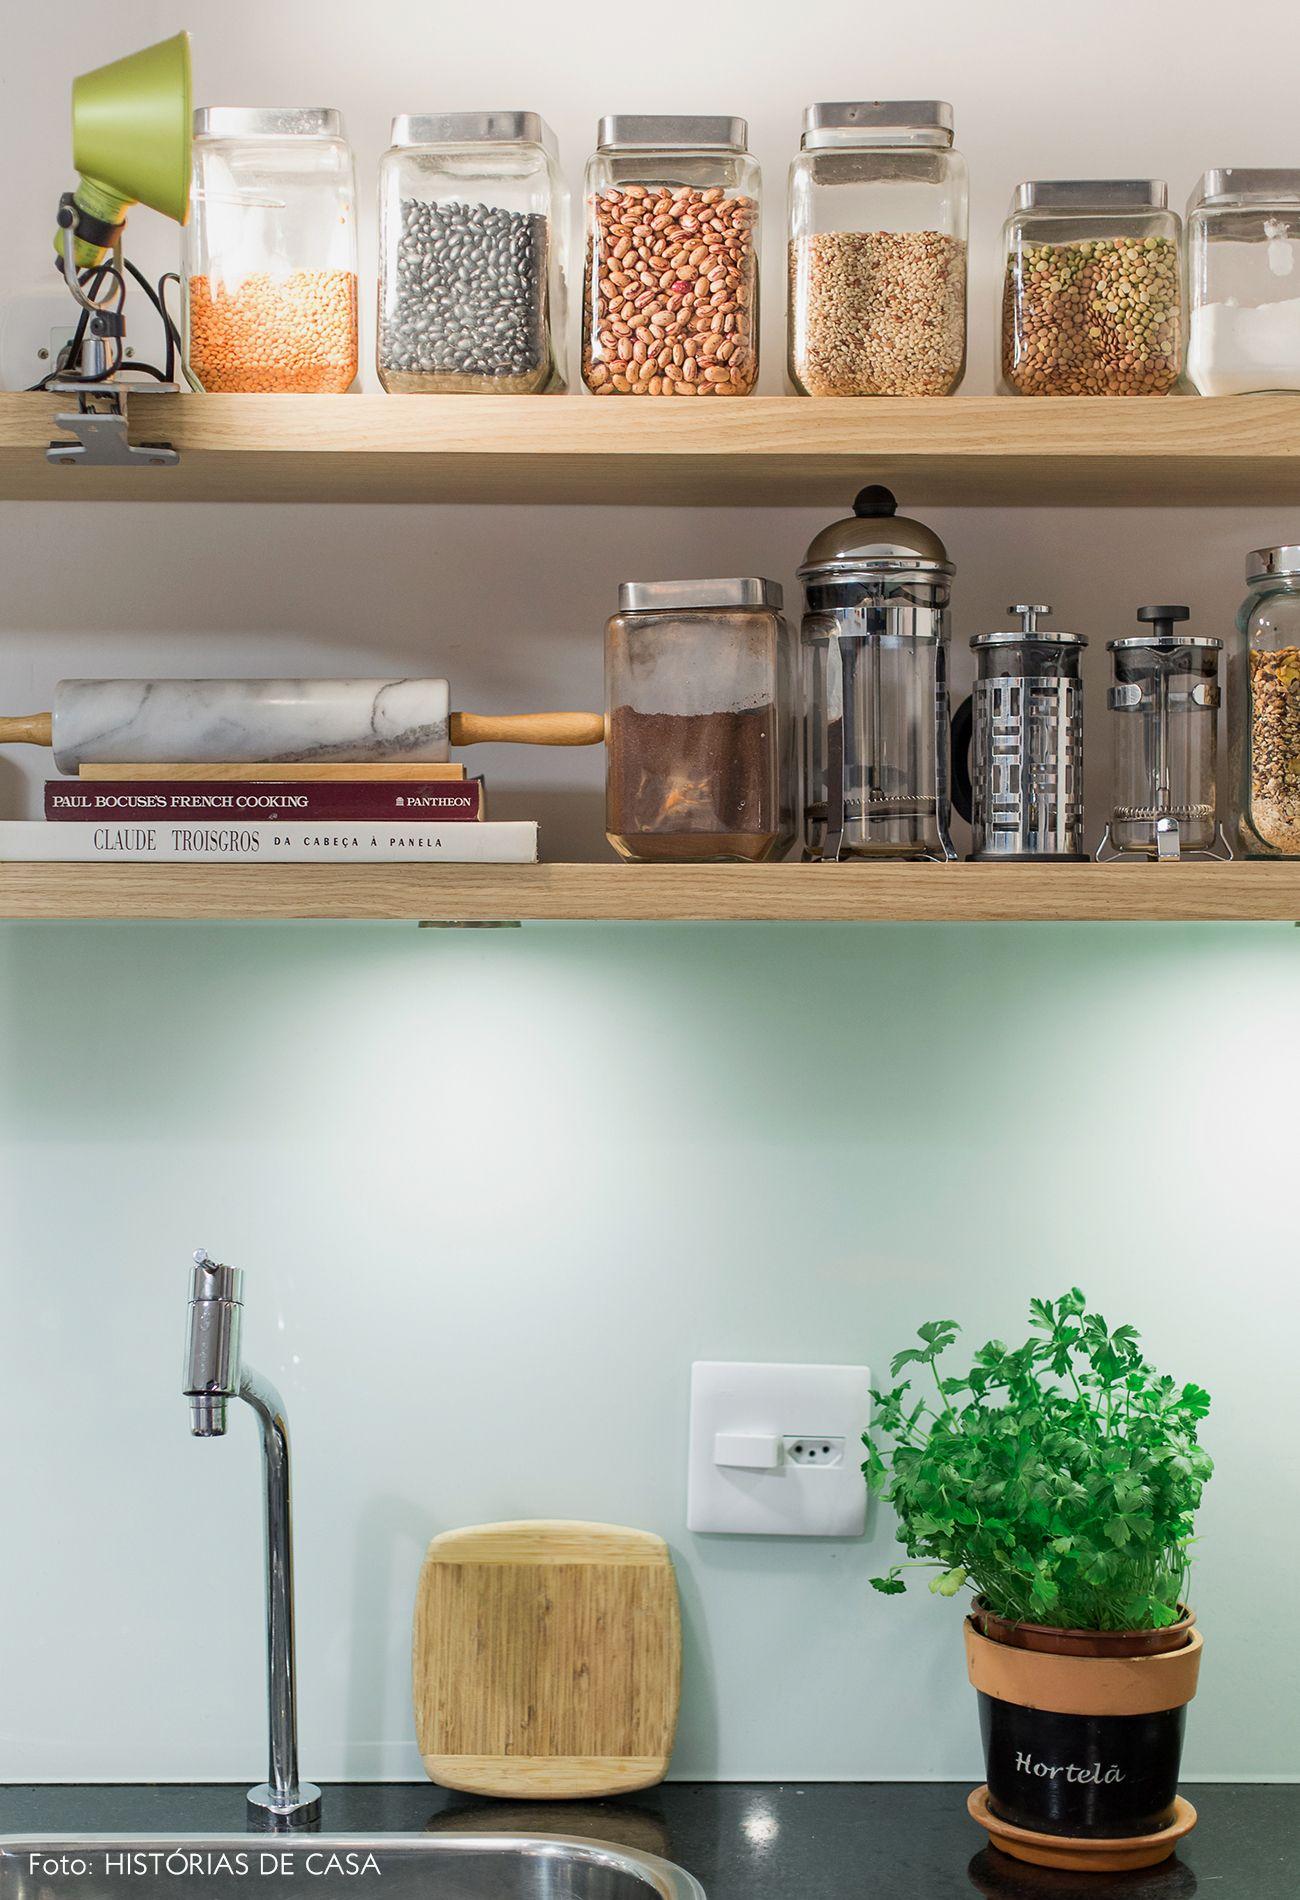 Frontão de vidro e prateleiras de madeira nessa cozinha minimal kitchen design minimalist kitchen